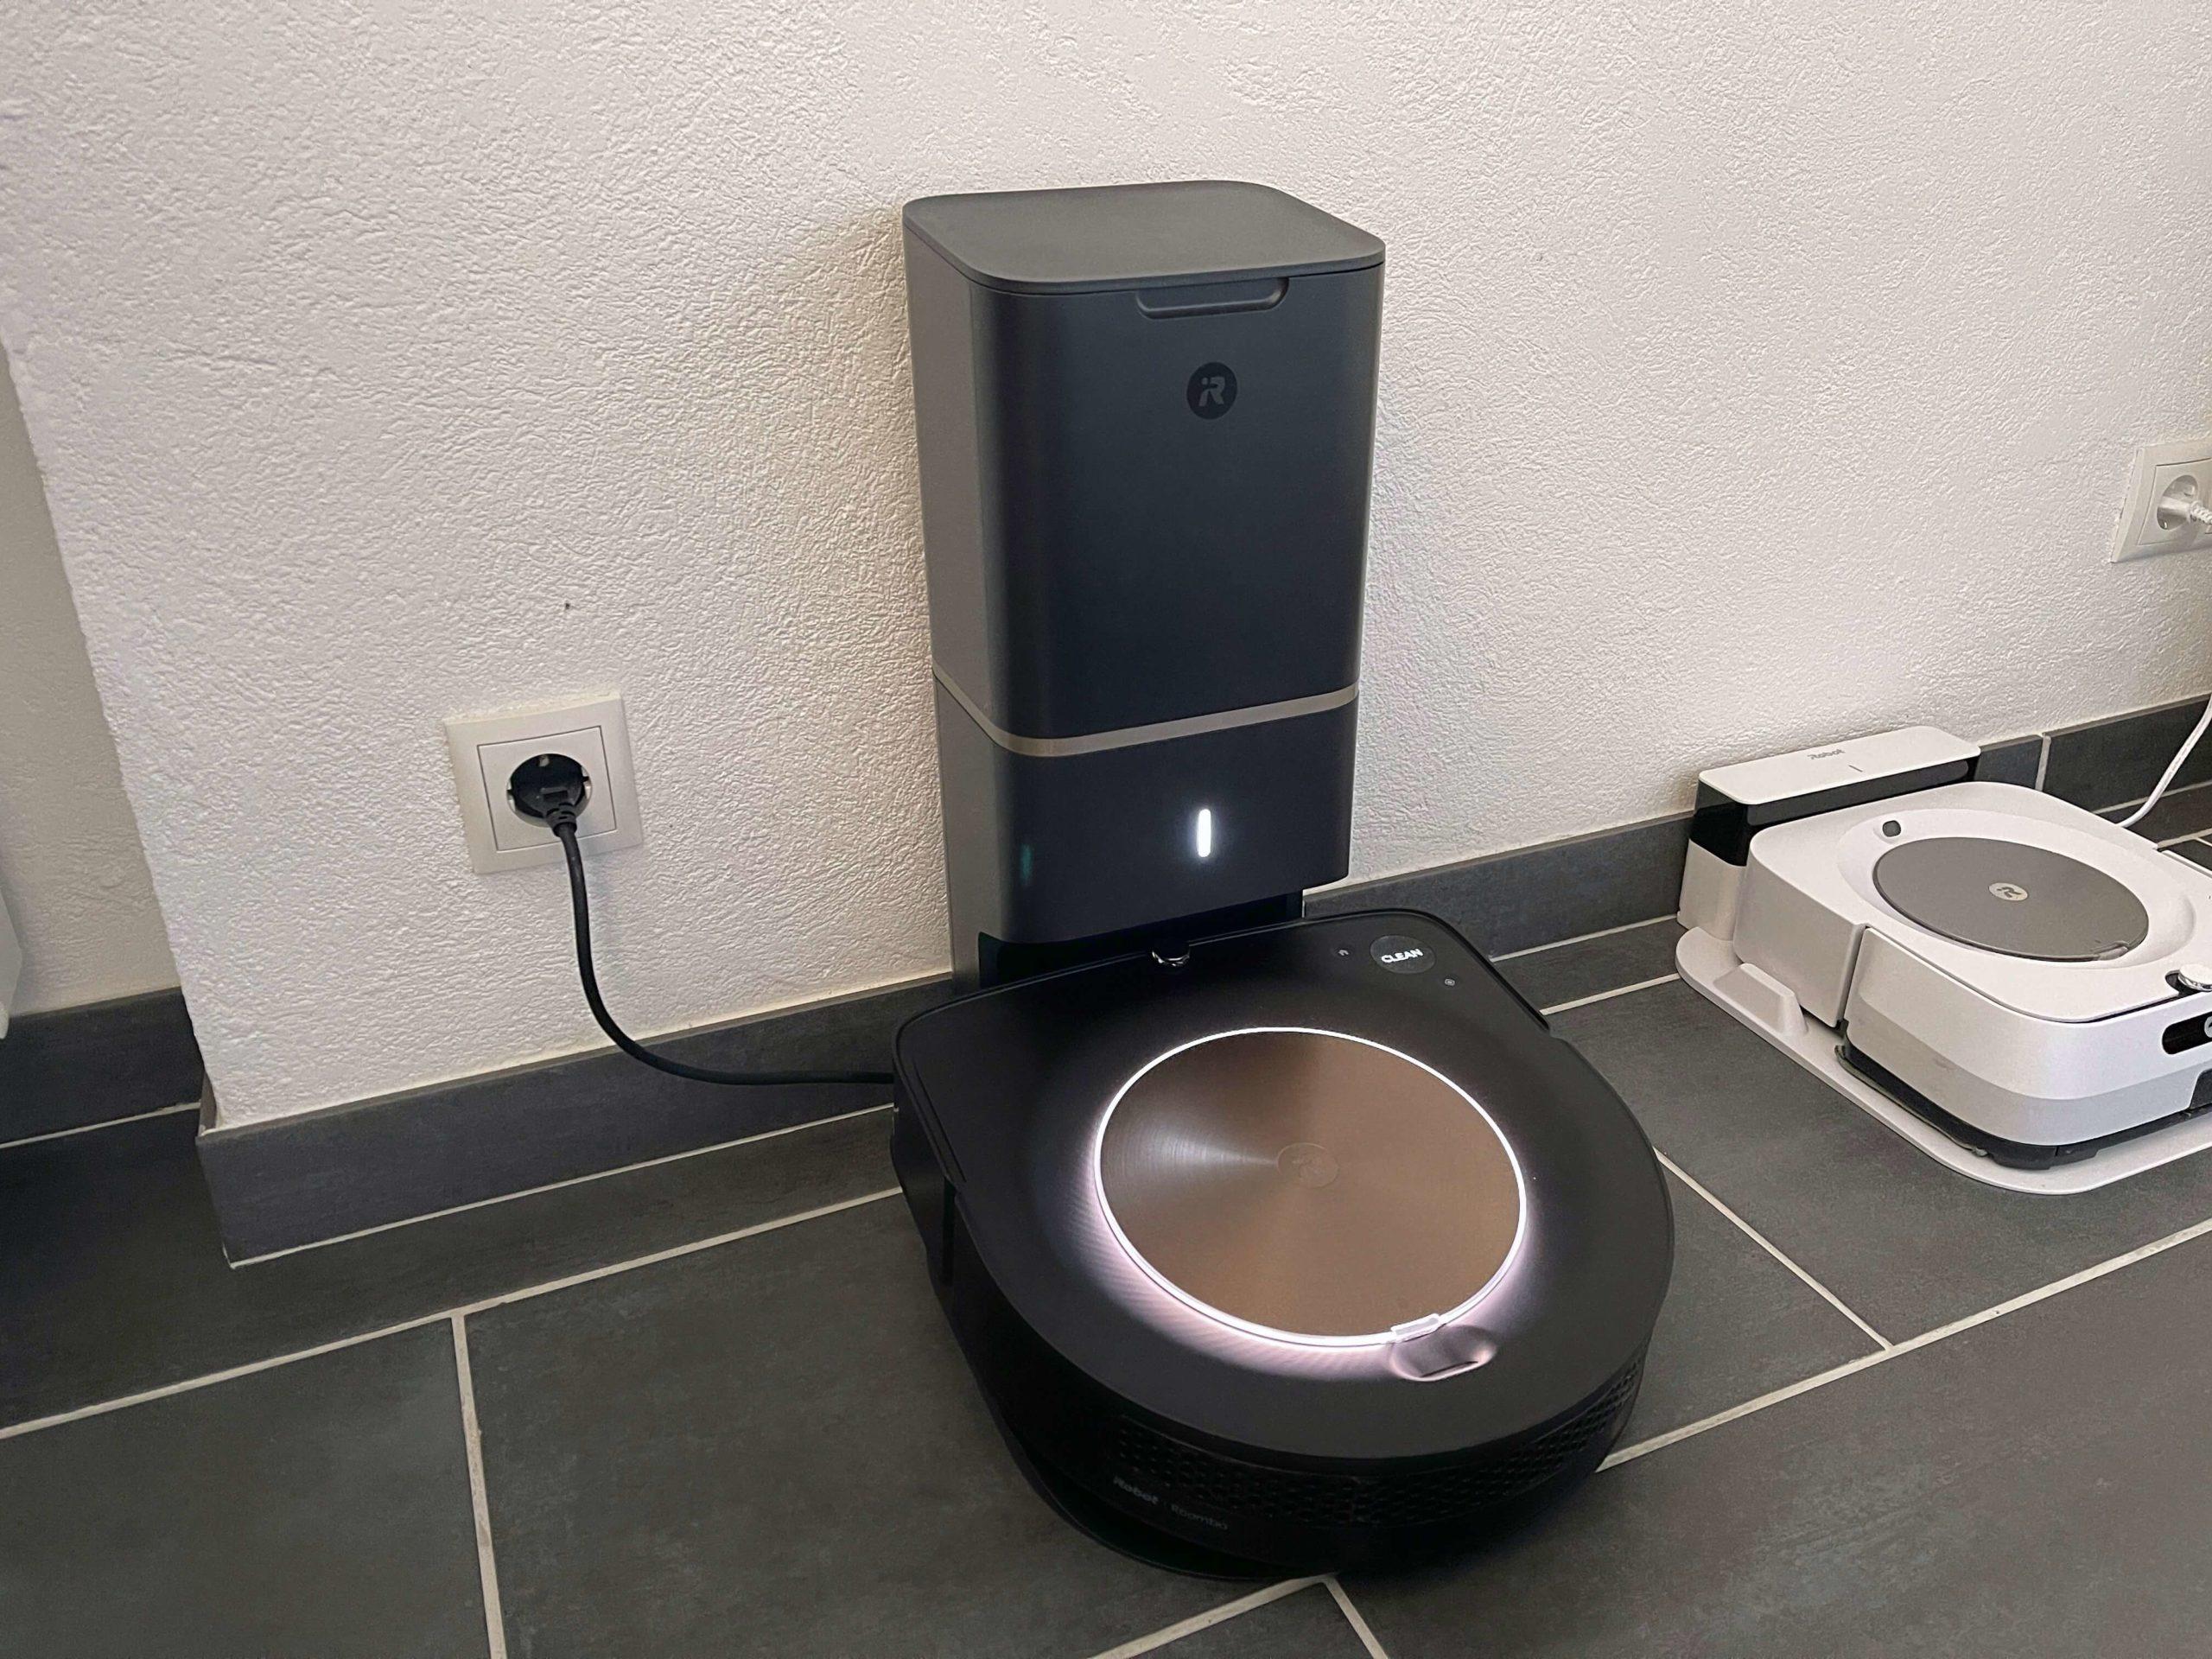 Roomba-s9-von-iRobot-intelligente-Raumreinigung-mit-Lerneffekt5-scaled Roomba s9+ von iRobot - intelligente Raumreinigung mit Lerneffekt